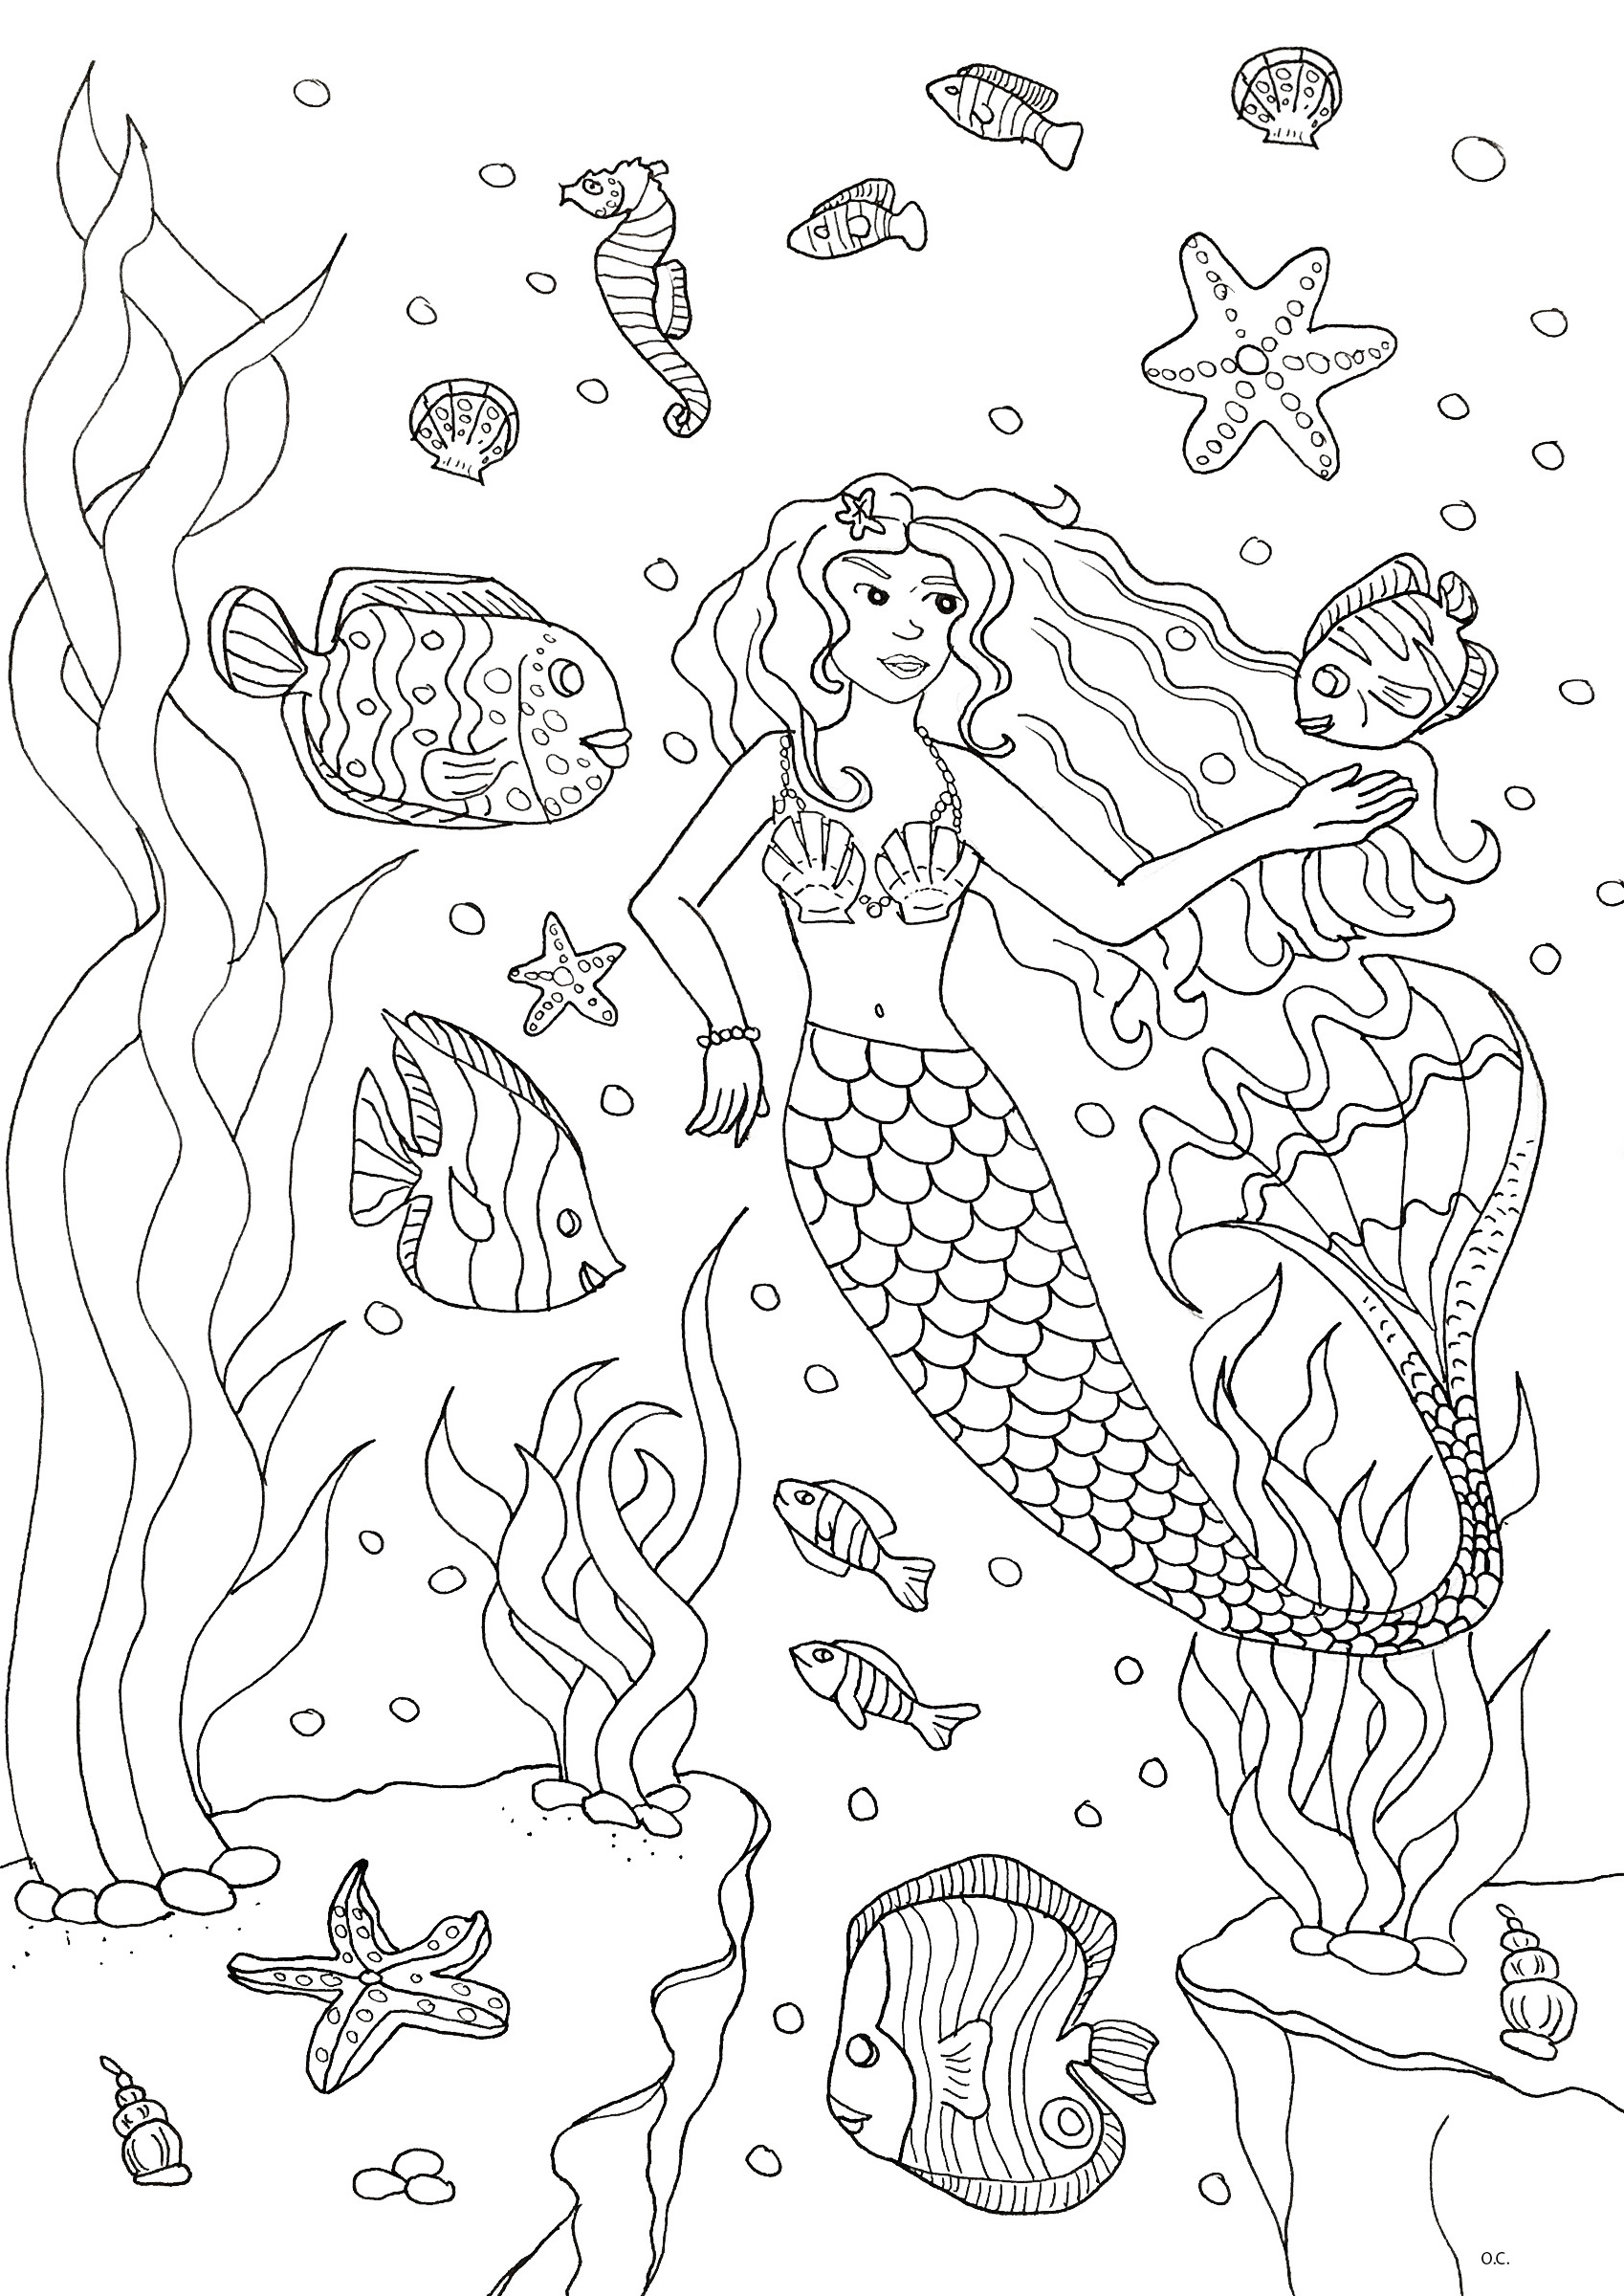 Dessin à imprimer et colorier d'une jolie sirène et ses amis poissons | A partir de la galerie : Mondes Aquatiques | Artiste : Olivier